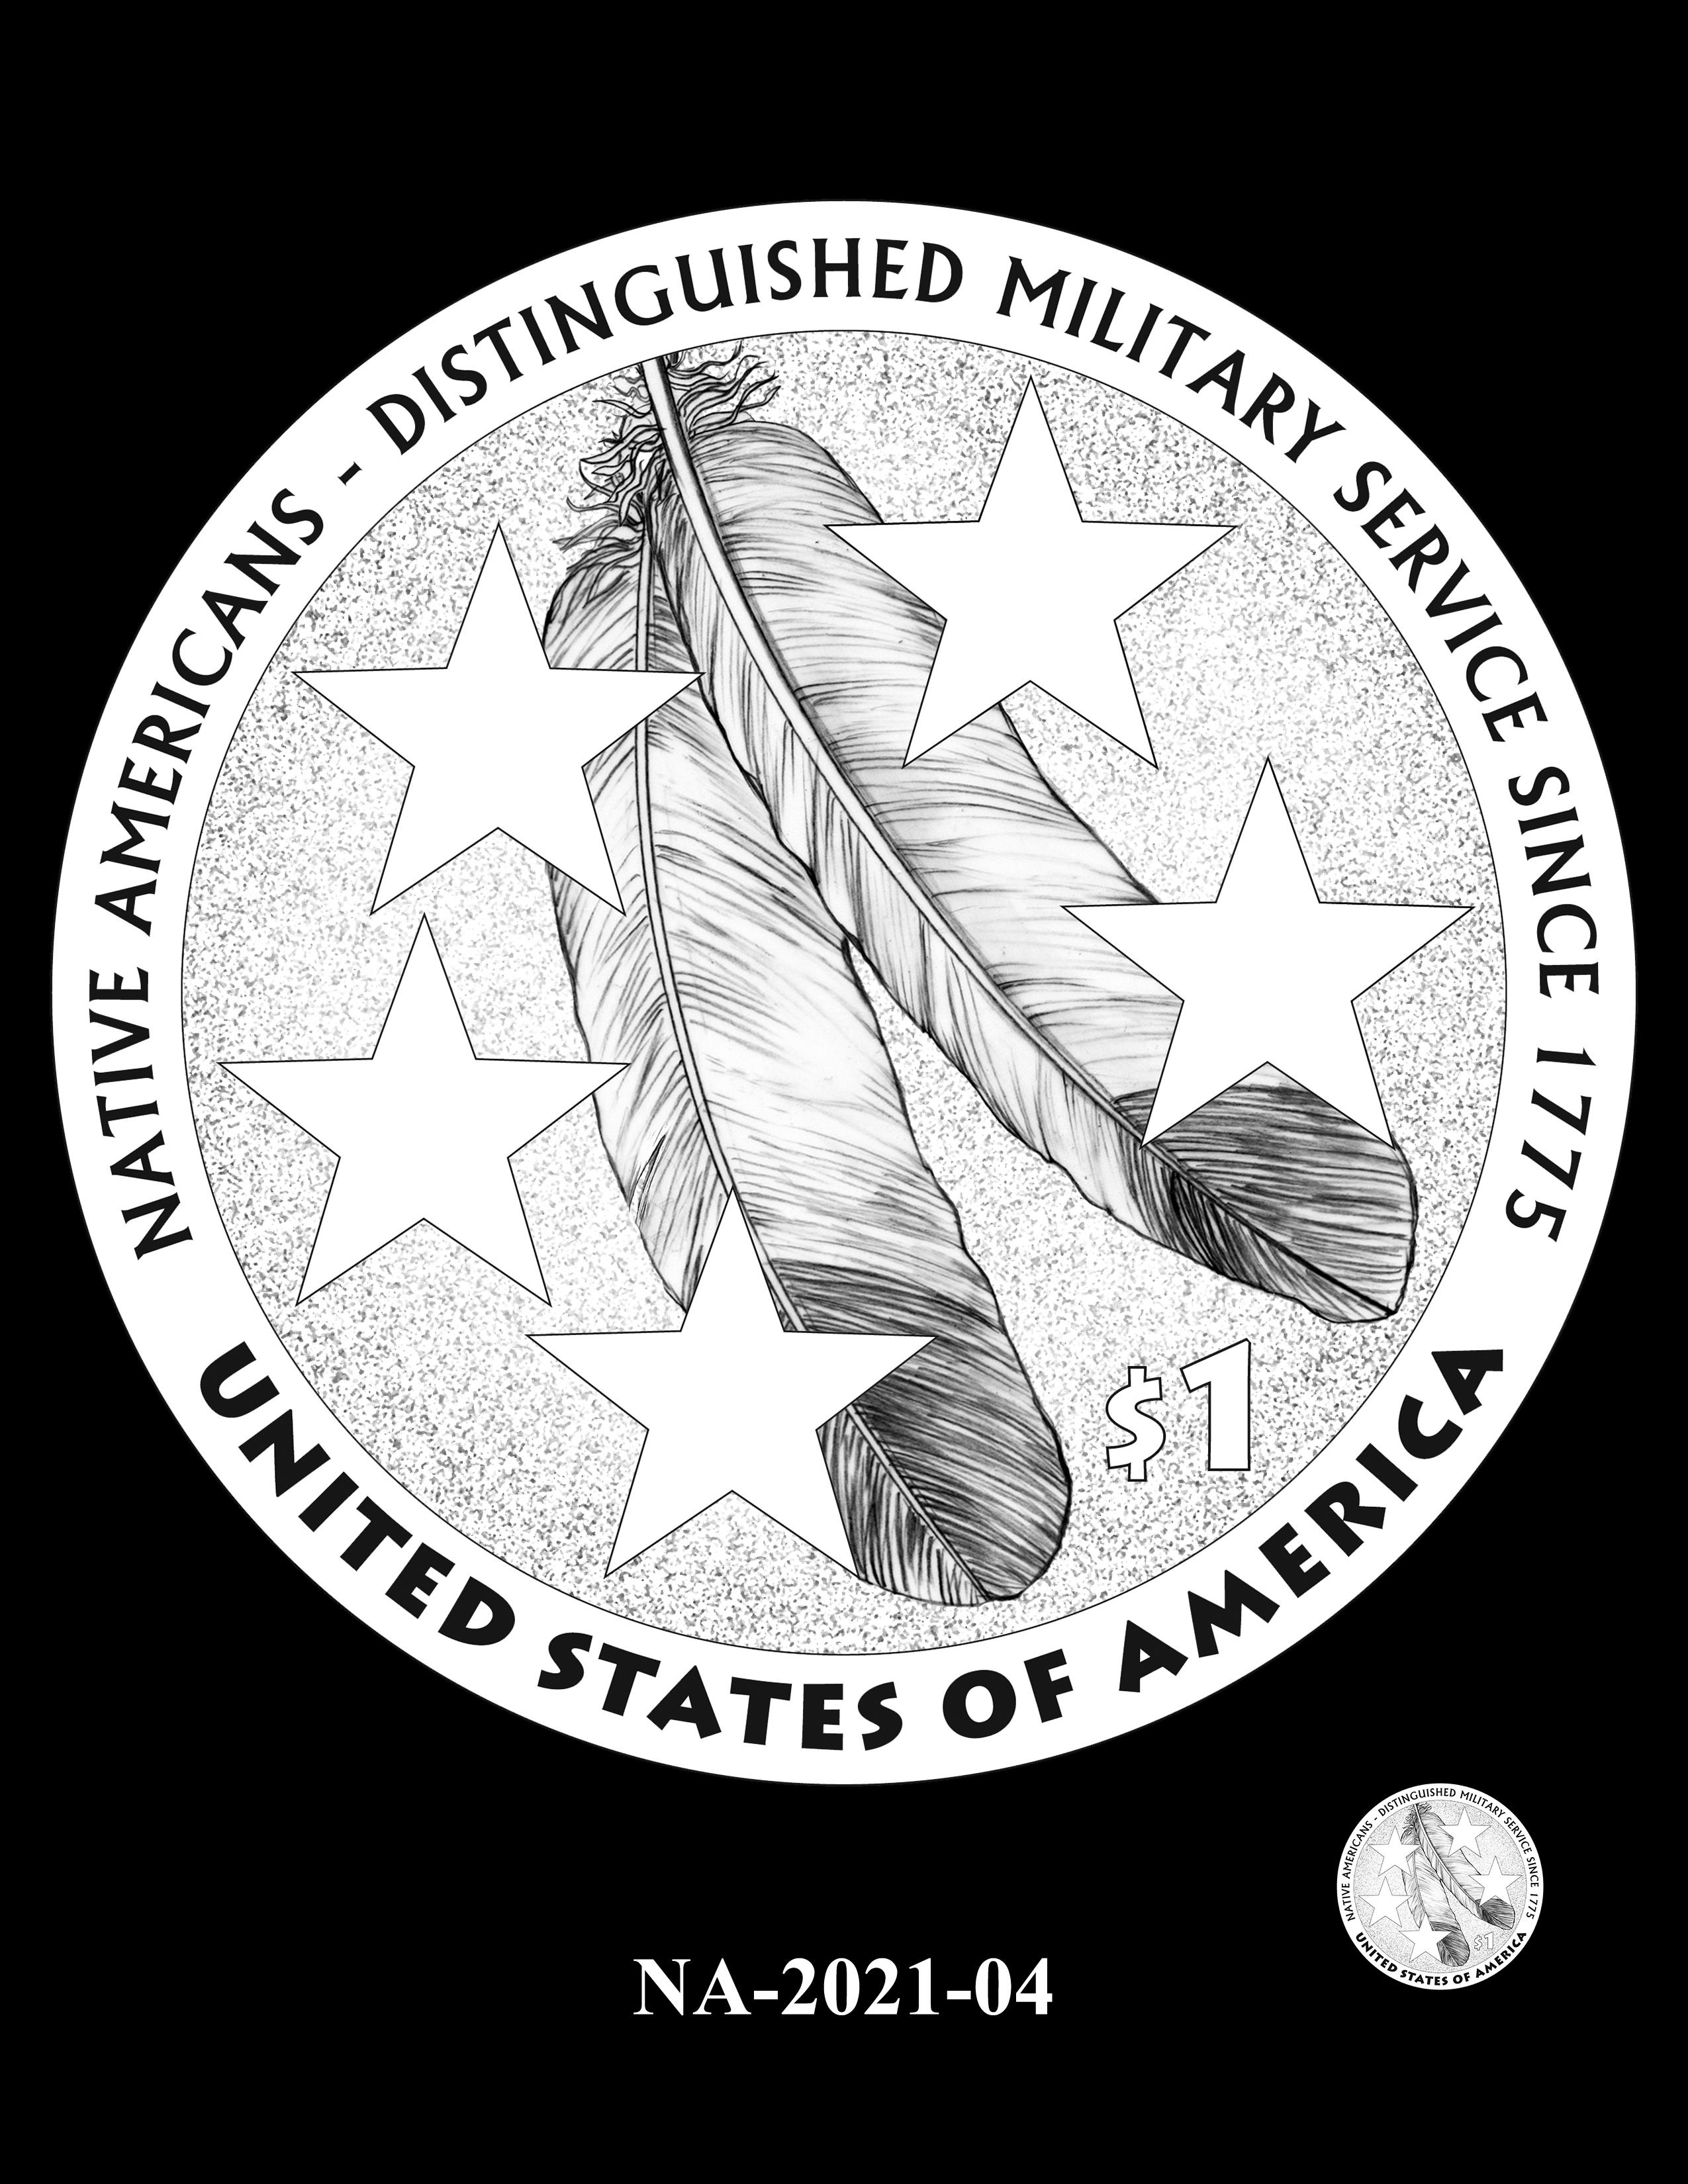 NA-2021-04 -- 2021 Native American $1